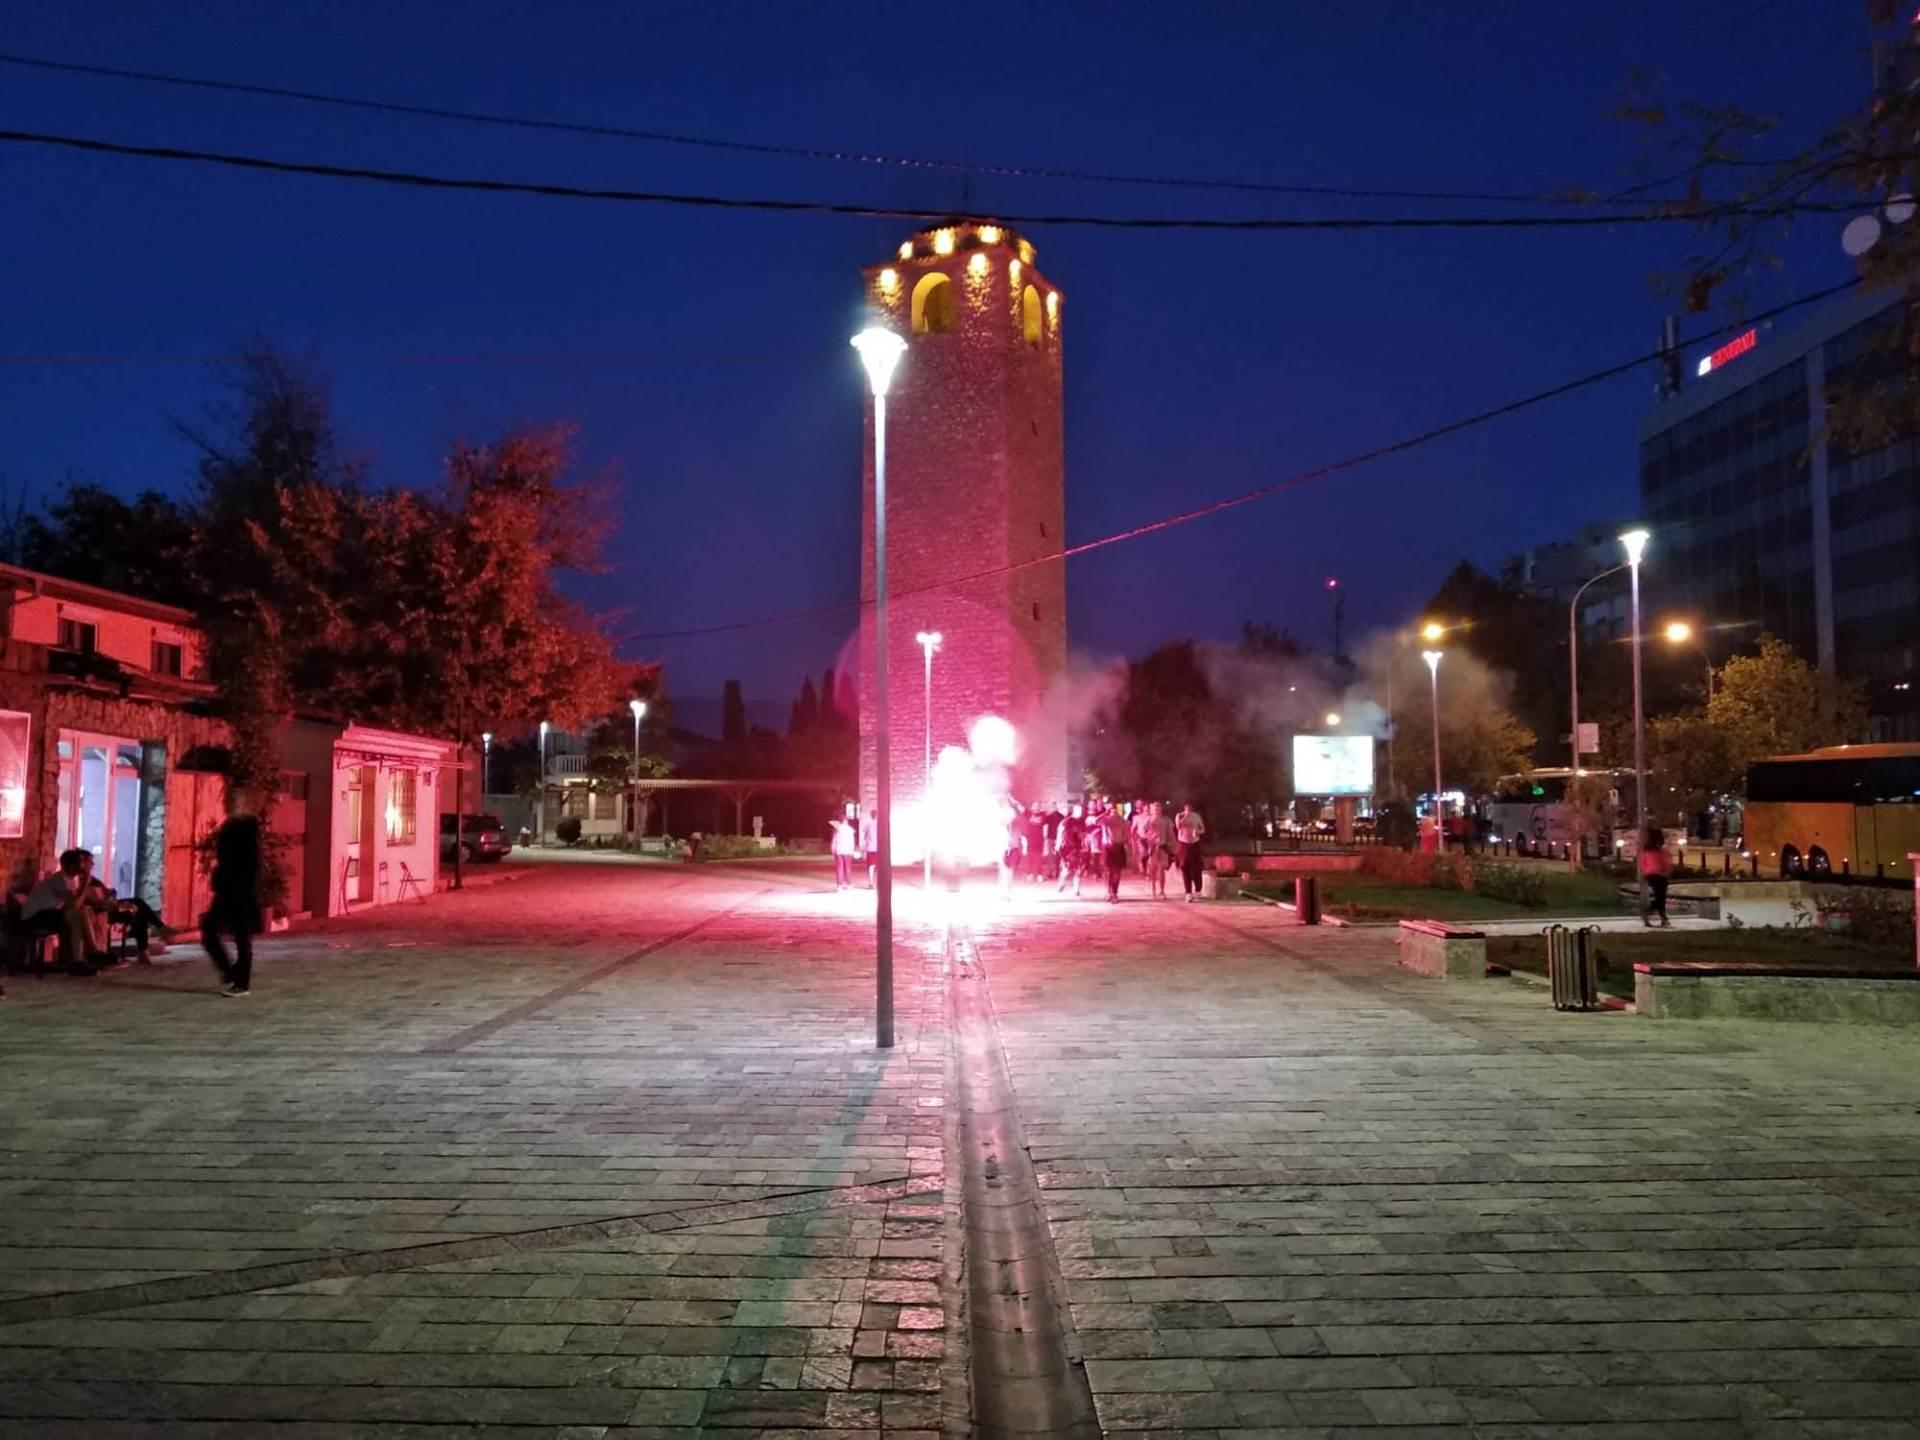 Baklje i pesma u Podgorici, ali i tuča (FOTO/VIDEO)